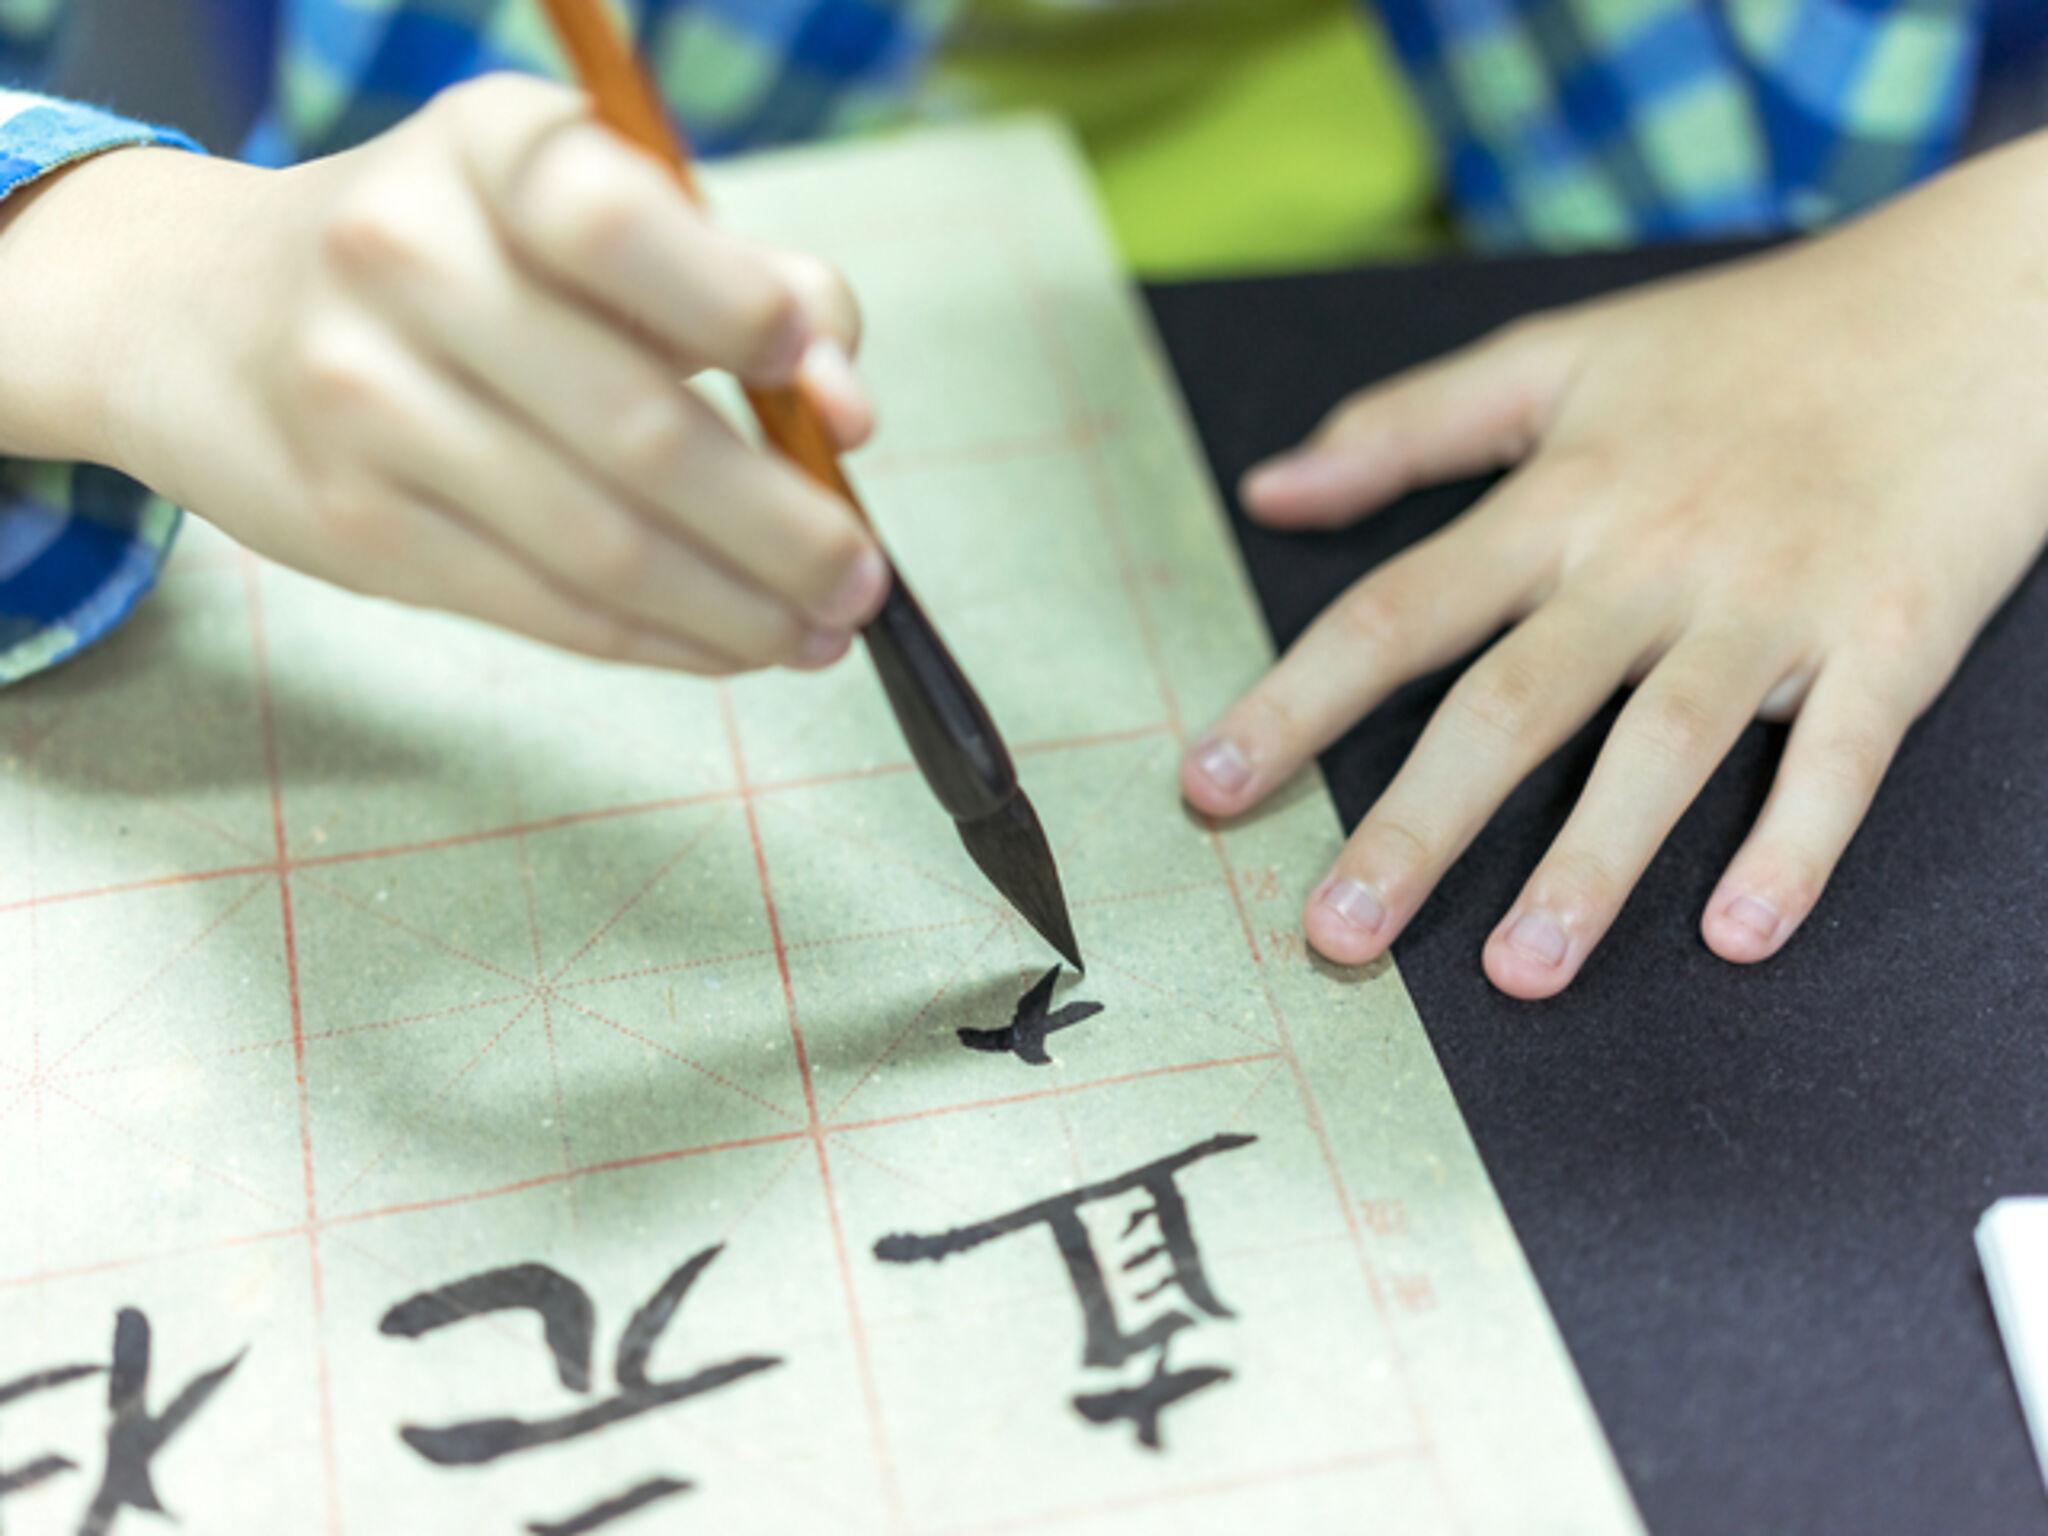 毛筆の練習をしている子ども